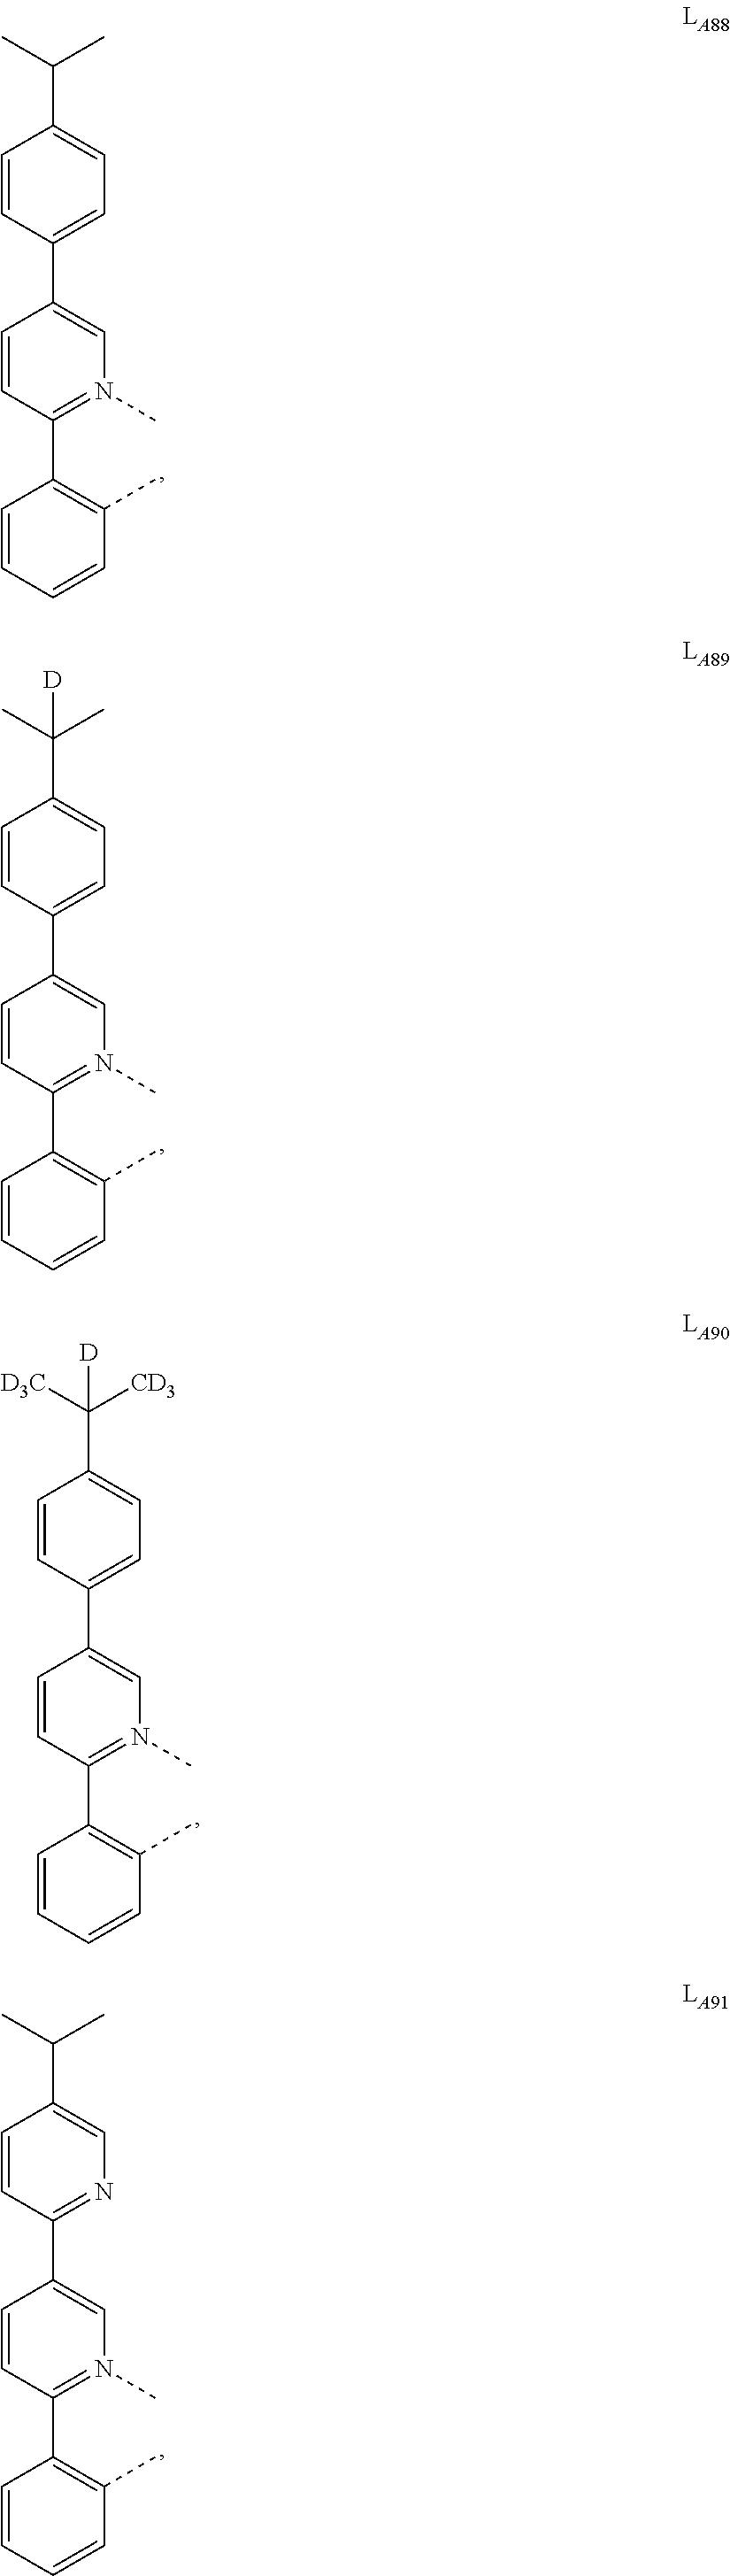 Figure US20170229663A1-20170810-C00226